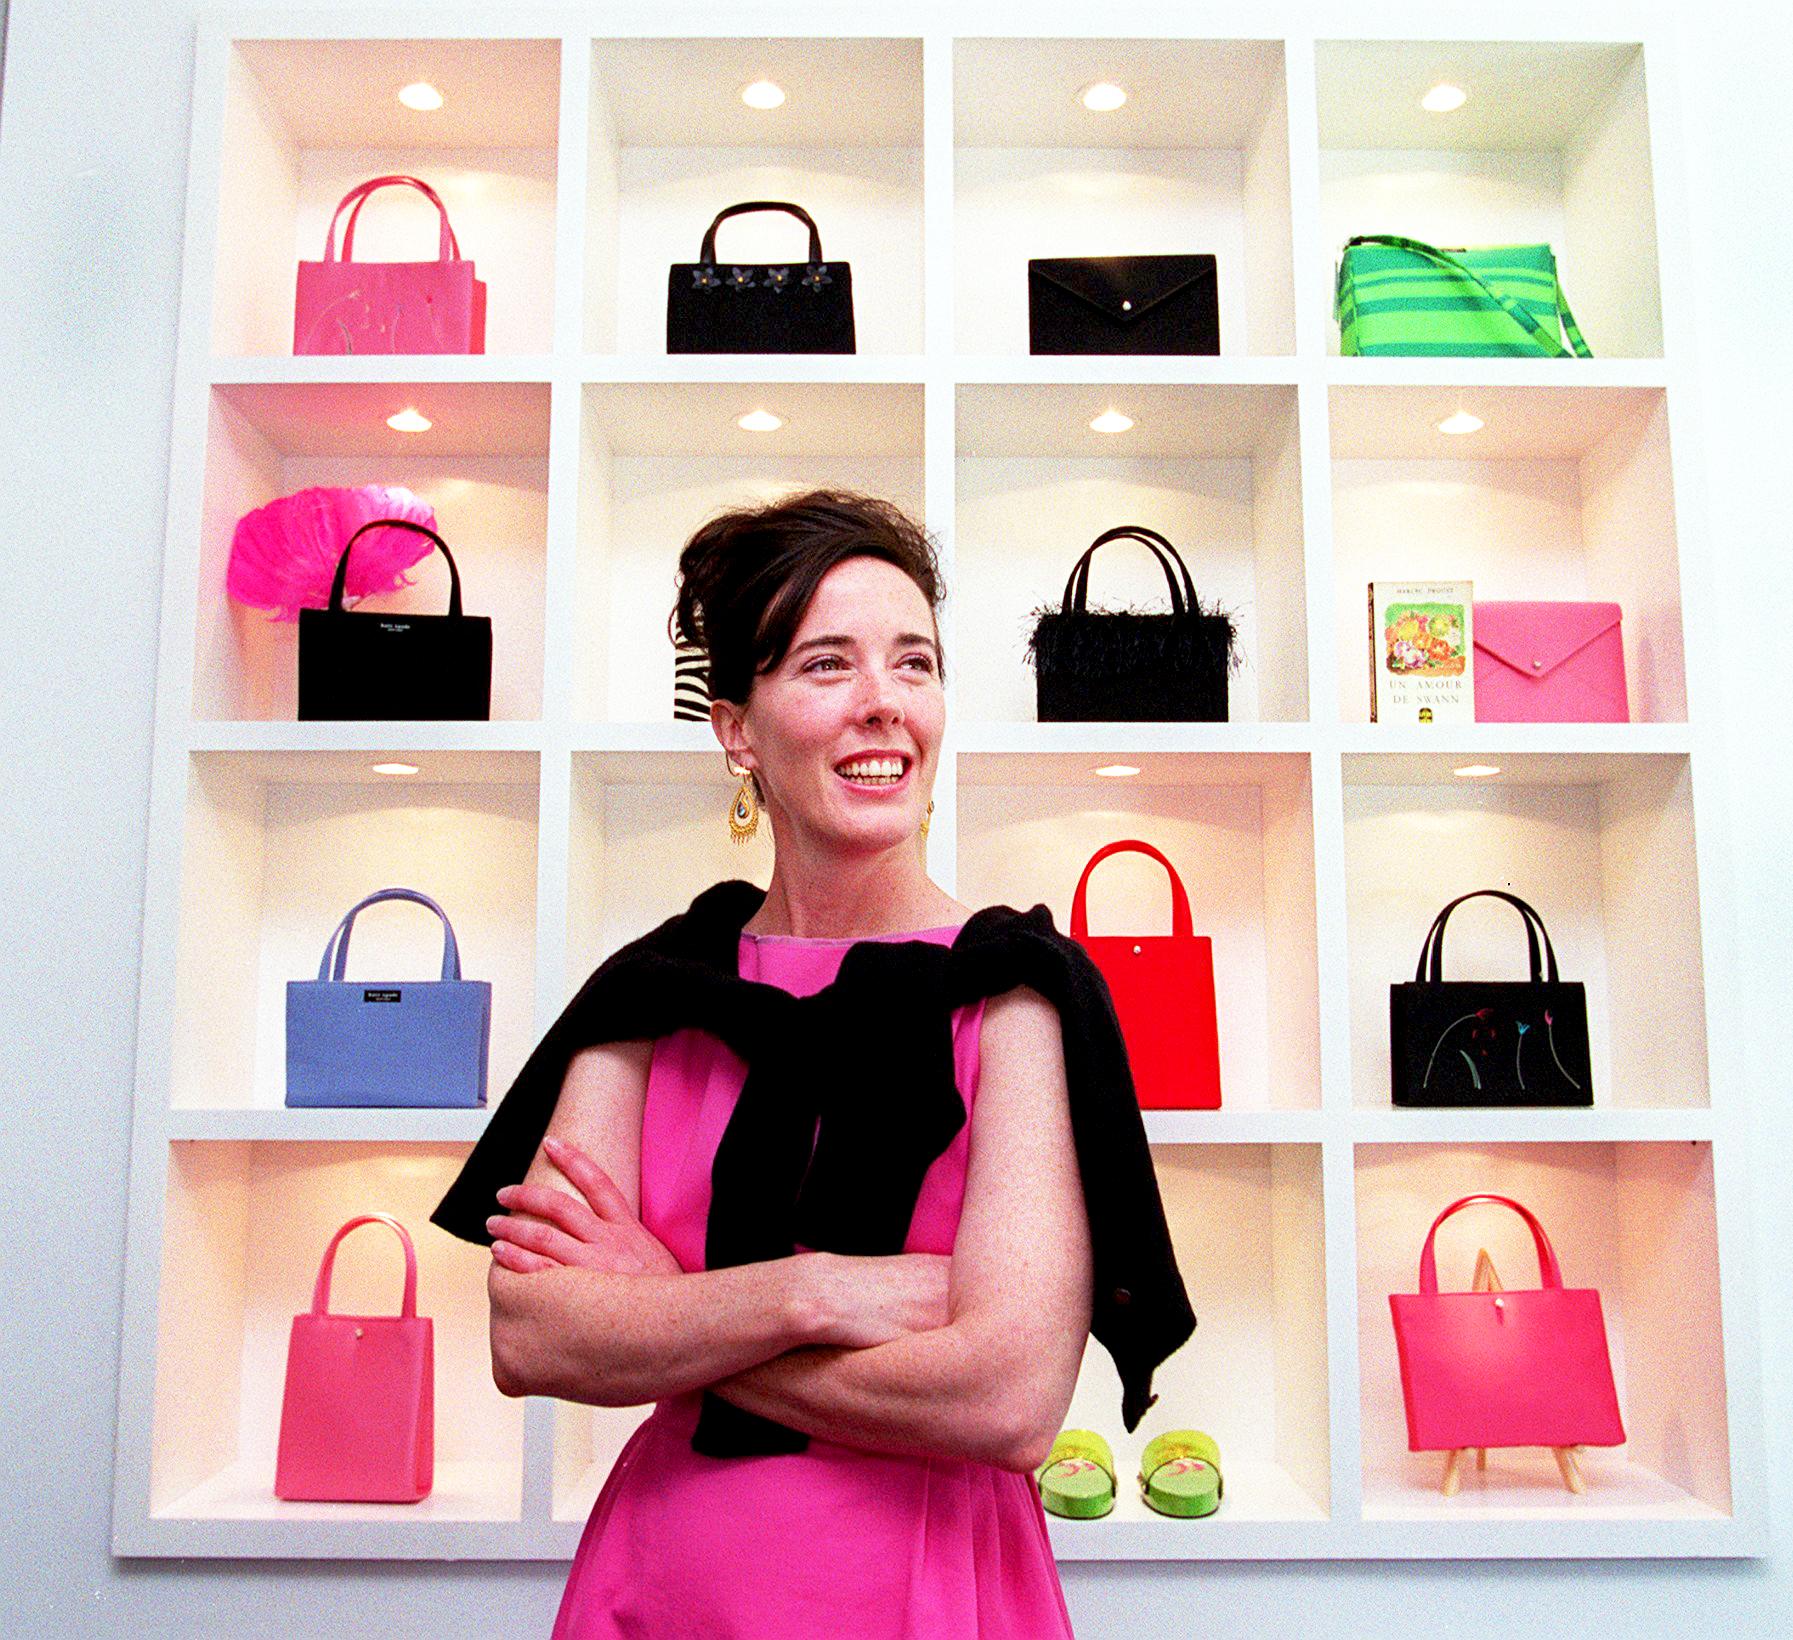 Kate Spade poses in her handbag store on Newbury Street in Boston.